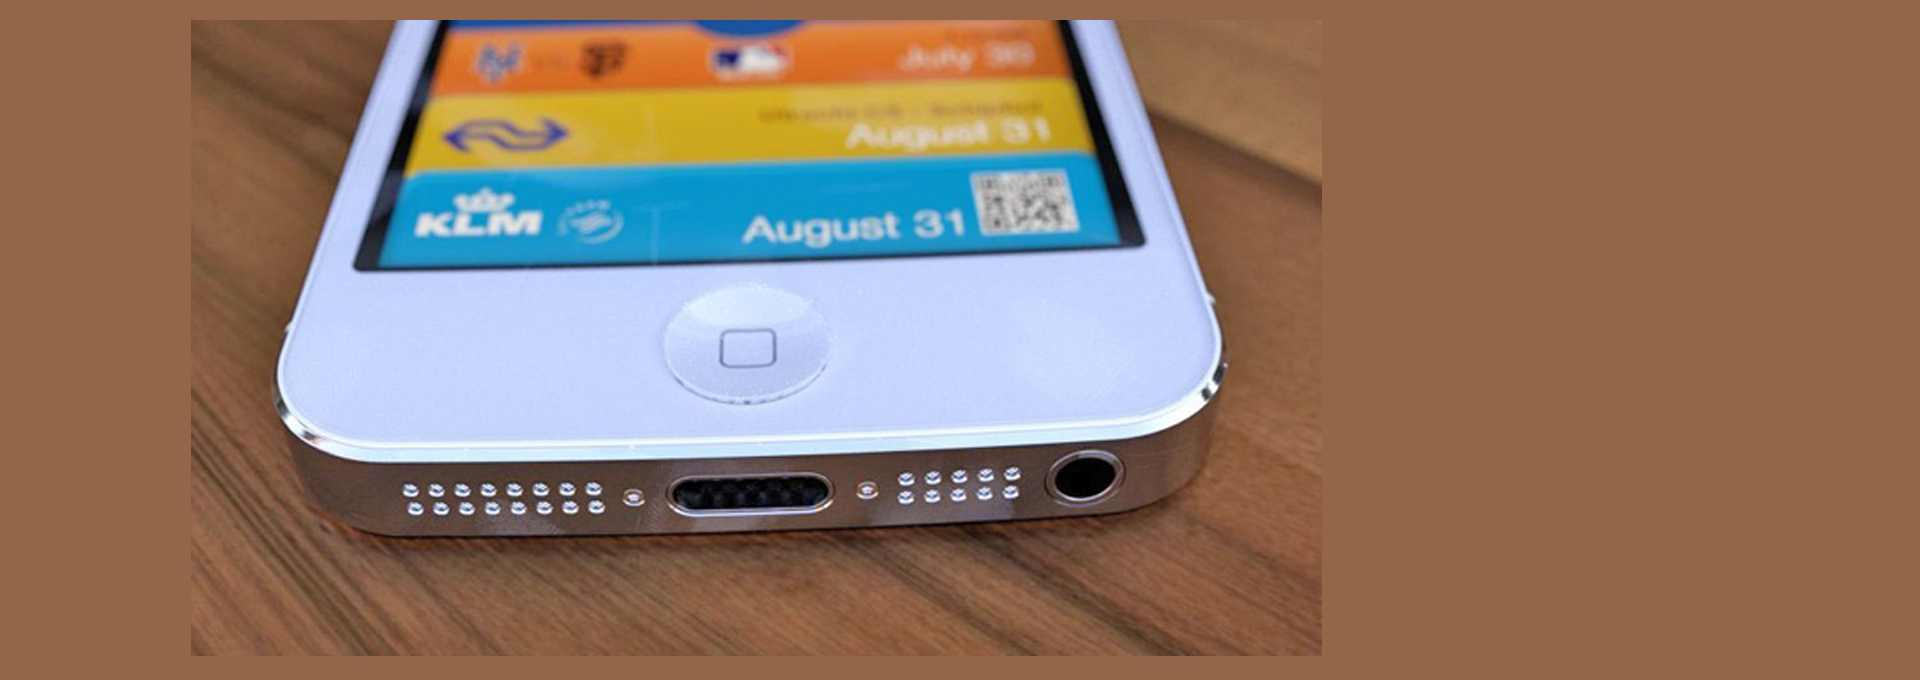 iPhone 5: nouvelles rumeurs et résumé des rumeurs